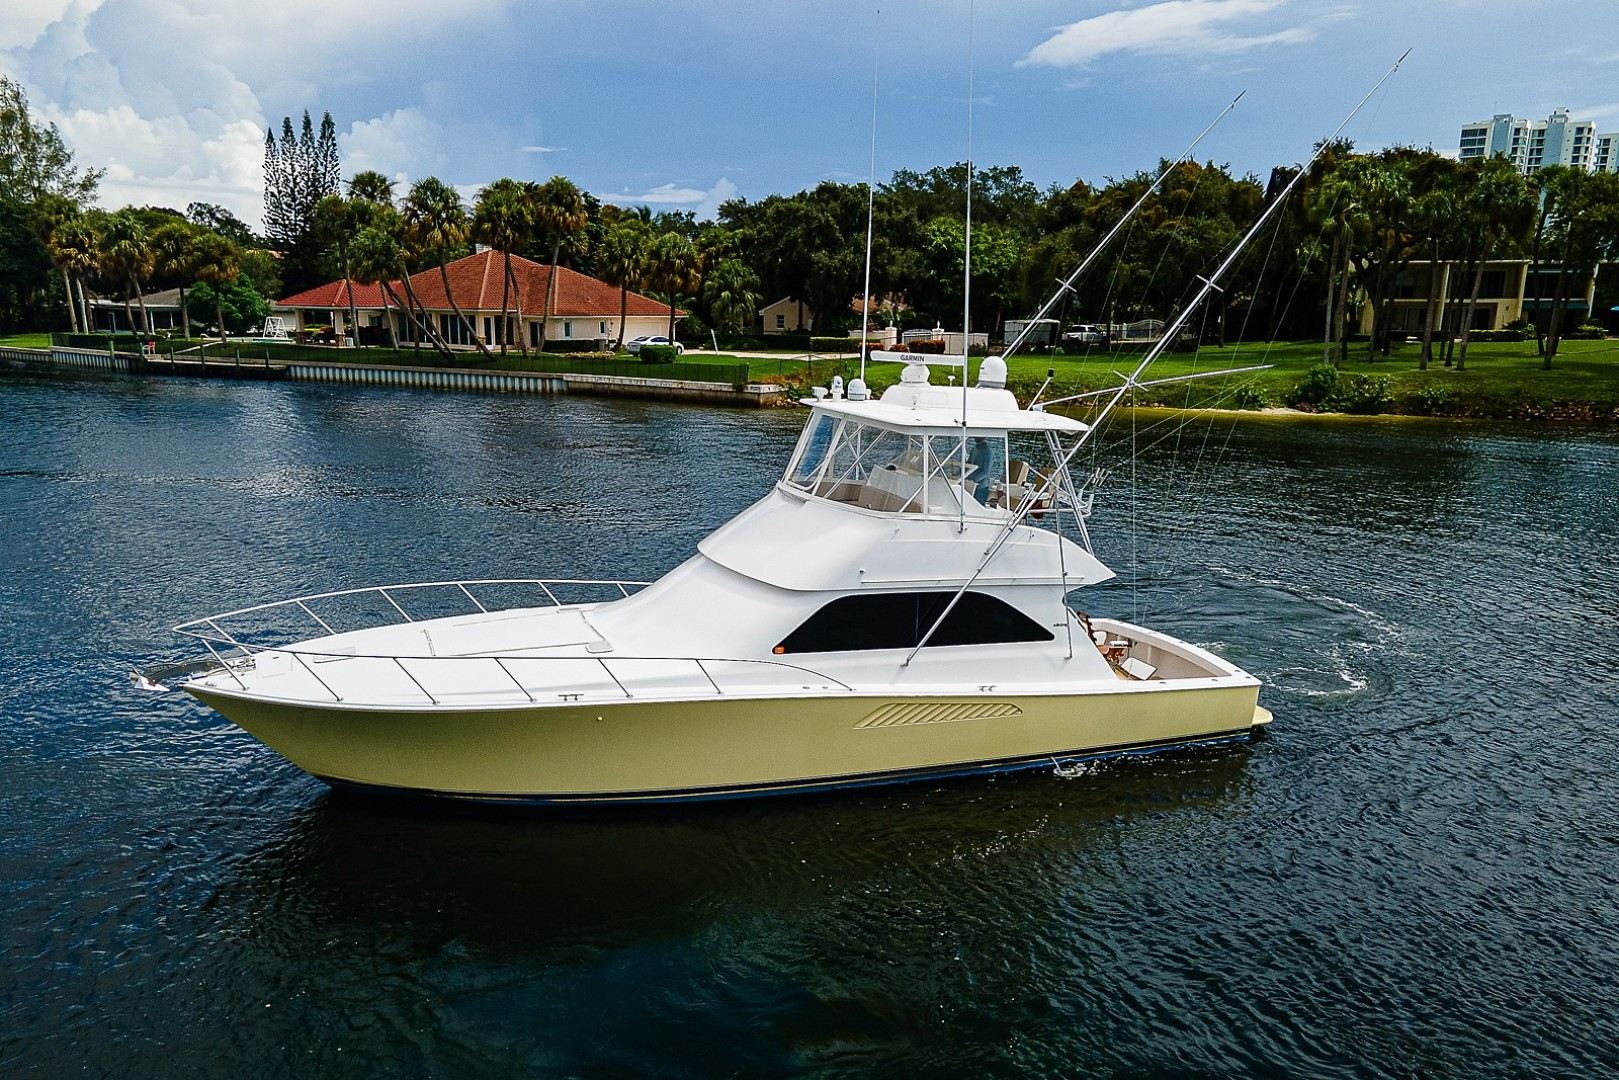 Viking 48 - Liberty - Profile